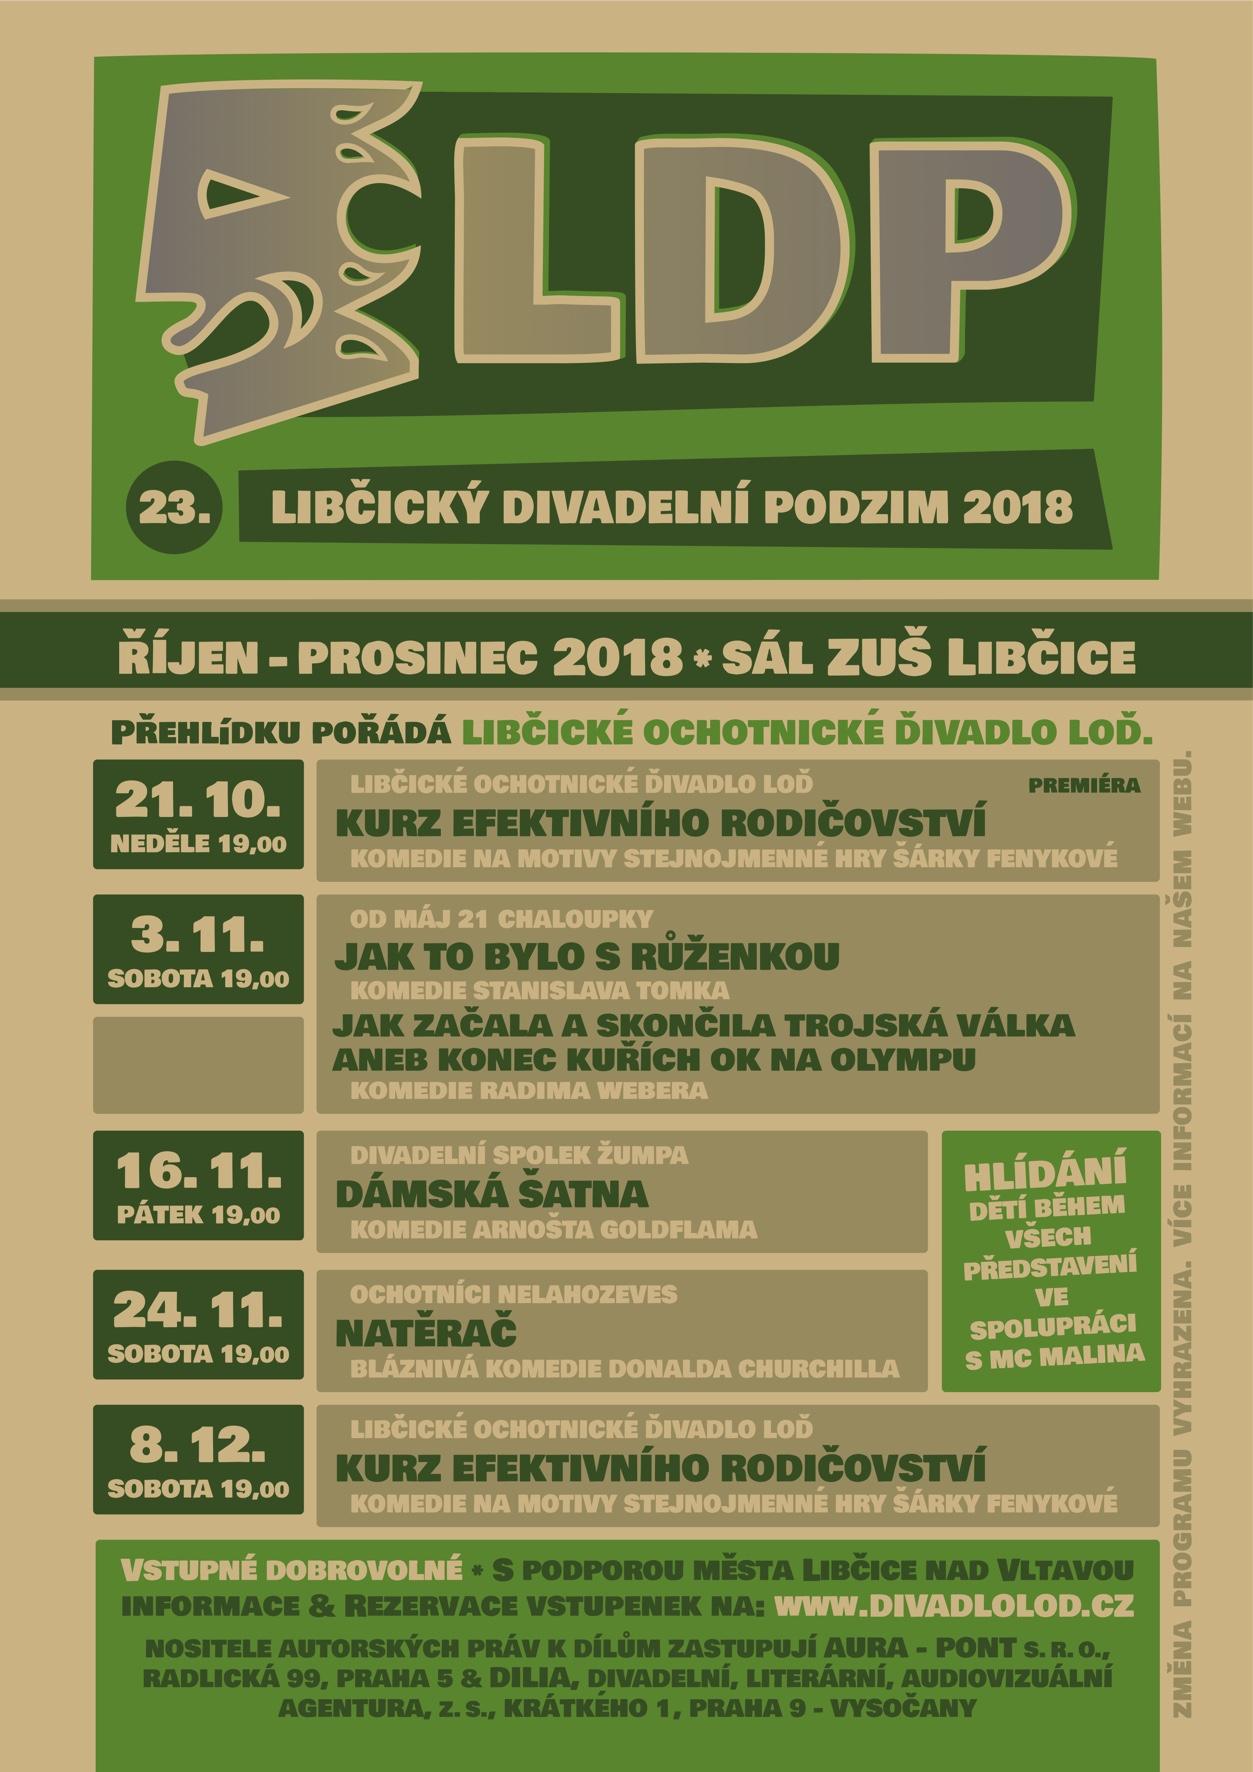 Plakát LDP 2018